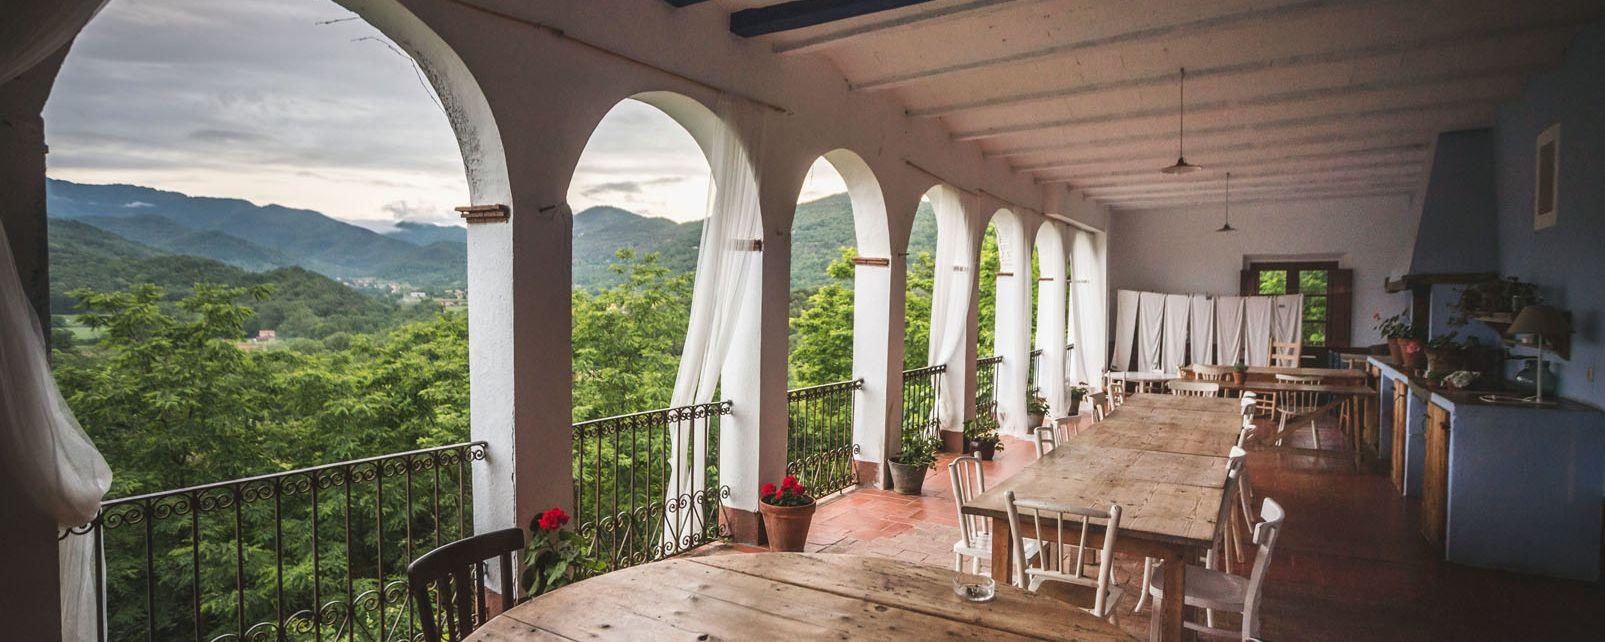 Hôtel Mas Garganta